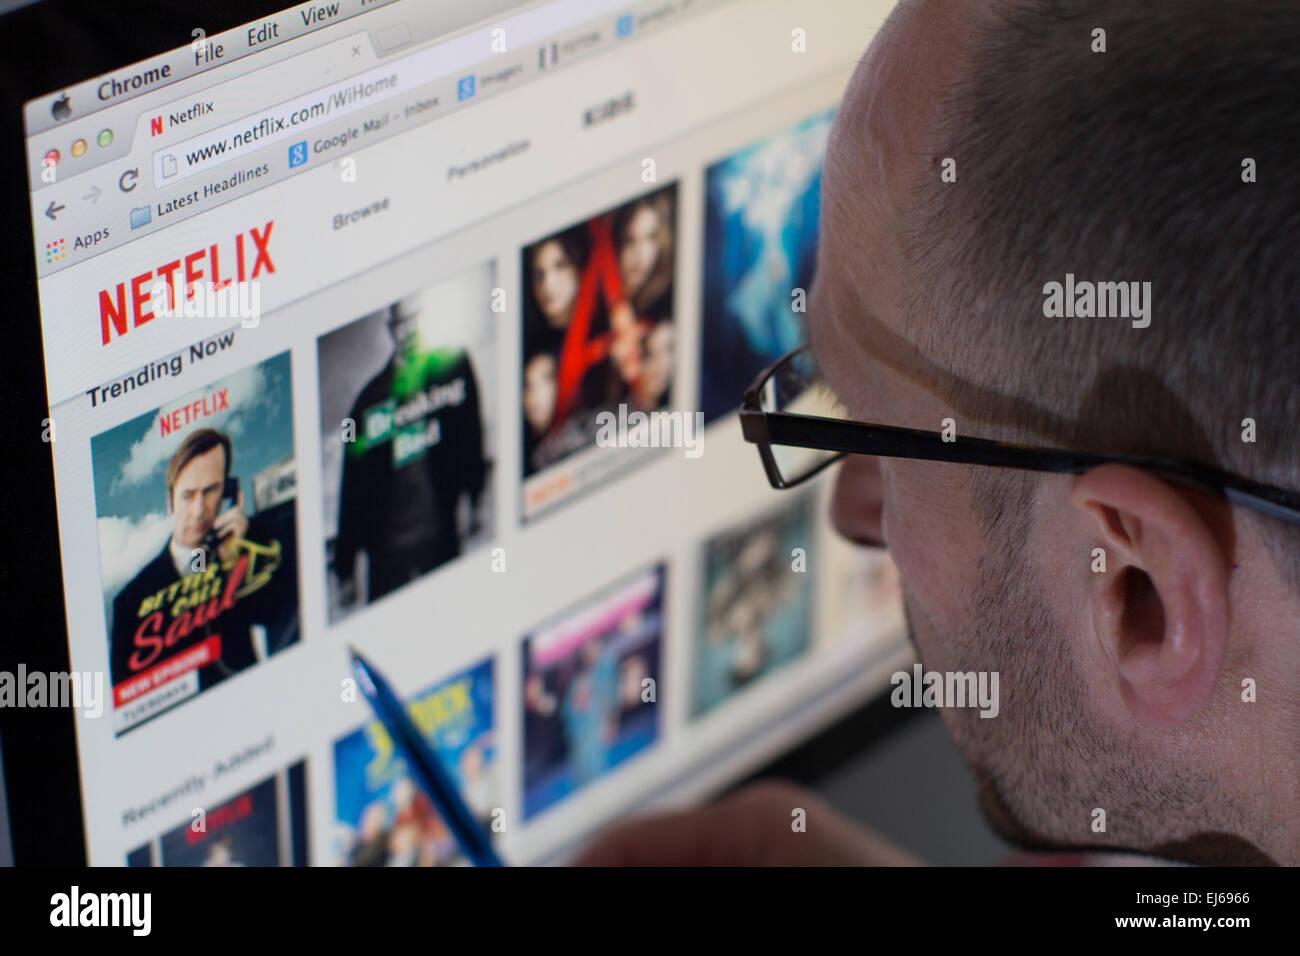 Maschio in cerca sul sito web della televisione Netflix servizio di streaming Immagini Stock